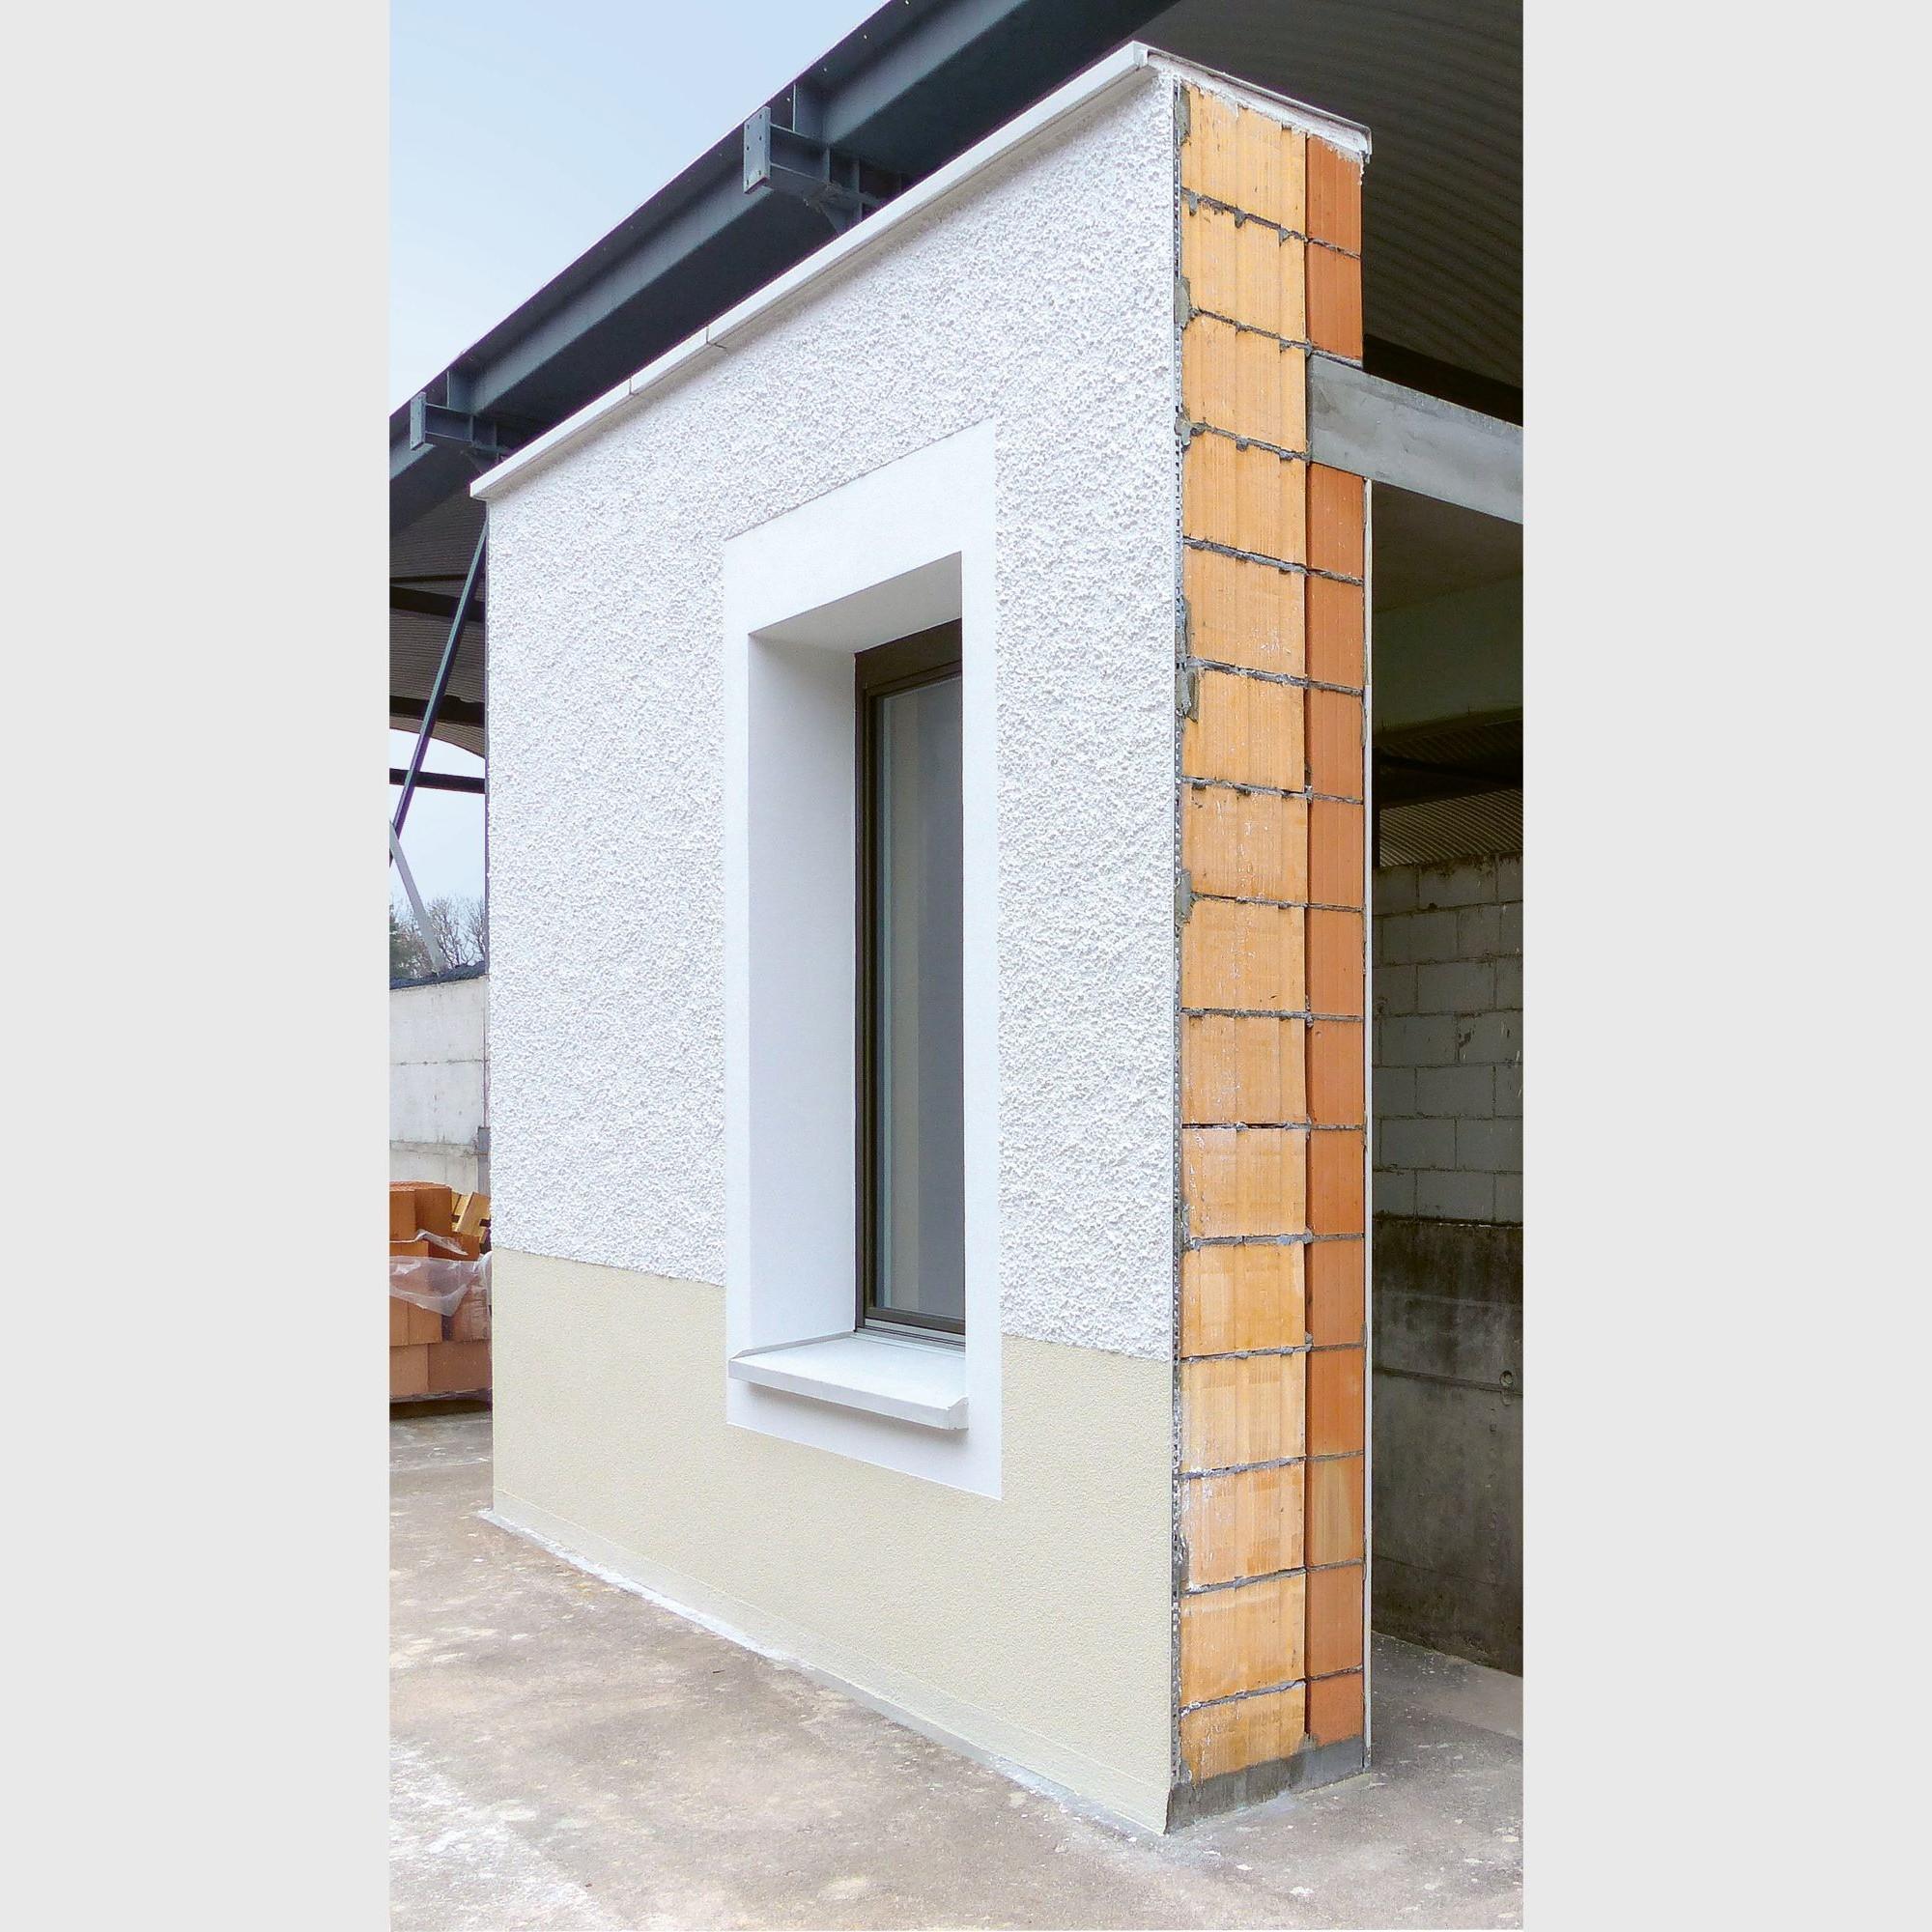 KISmur-Fassade im Querschnitt.